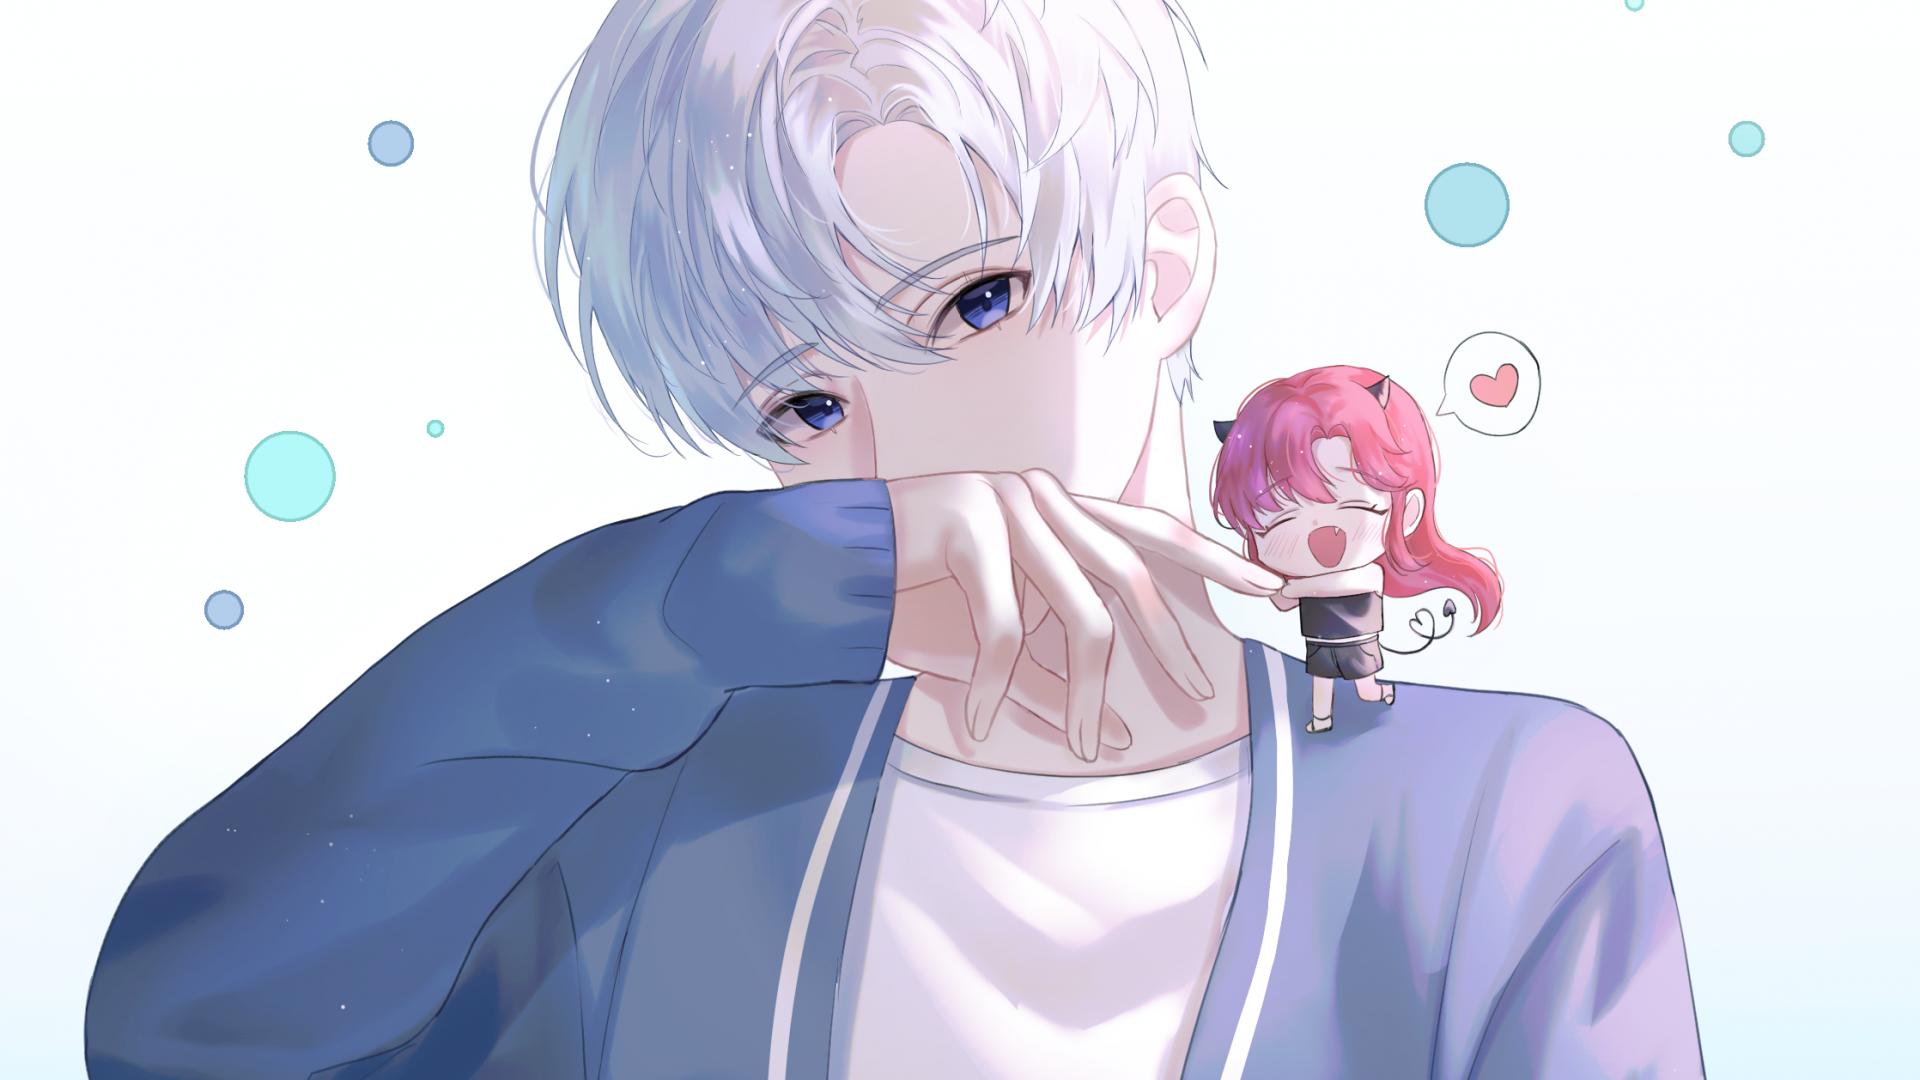 67 671290 anime boy and girl chibi cute friendship cute